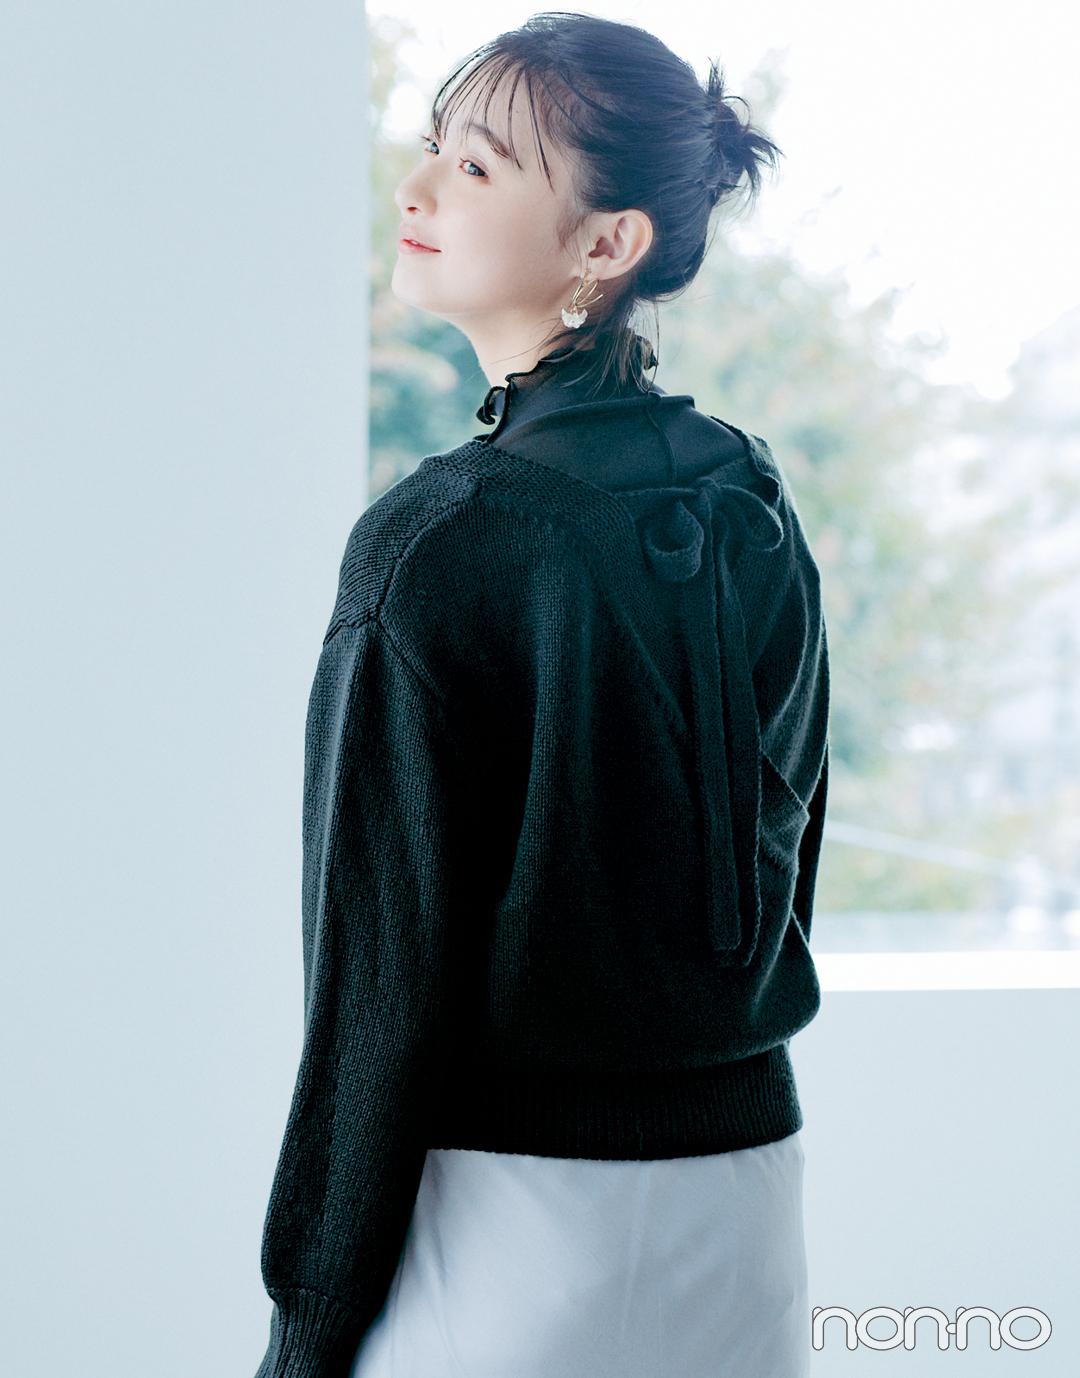 遠藤さくらSweet BLACK♡ 背中があいたニットに透けを仕込んで大人っぽく_1_3